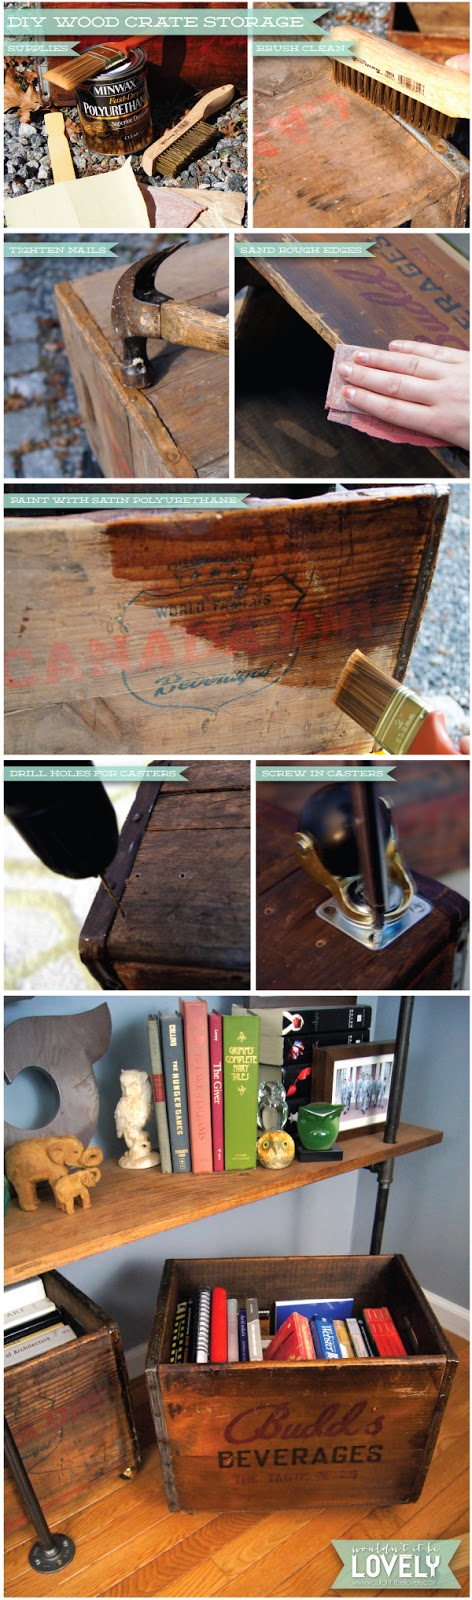 wood+crate+storage+DIY-2.jpg